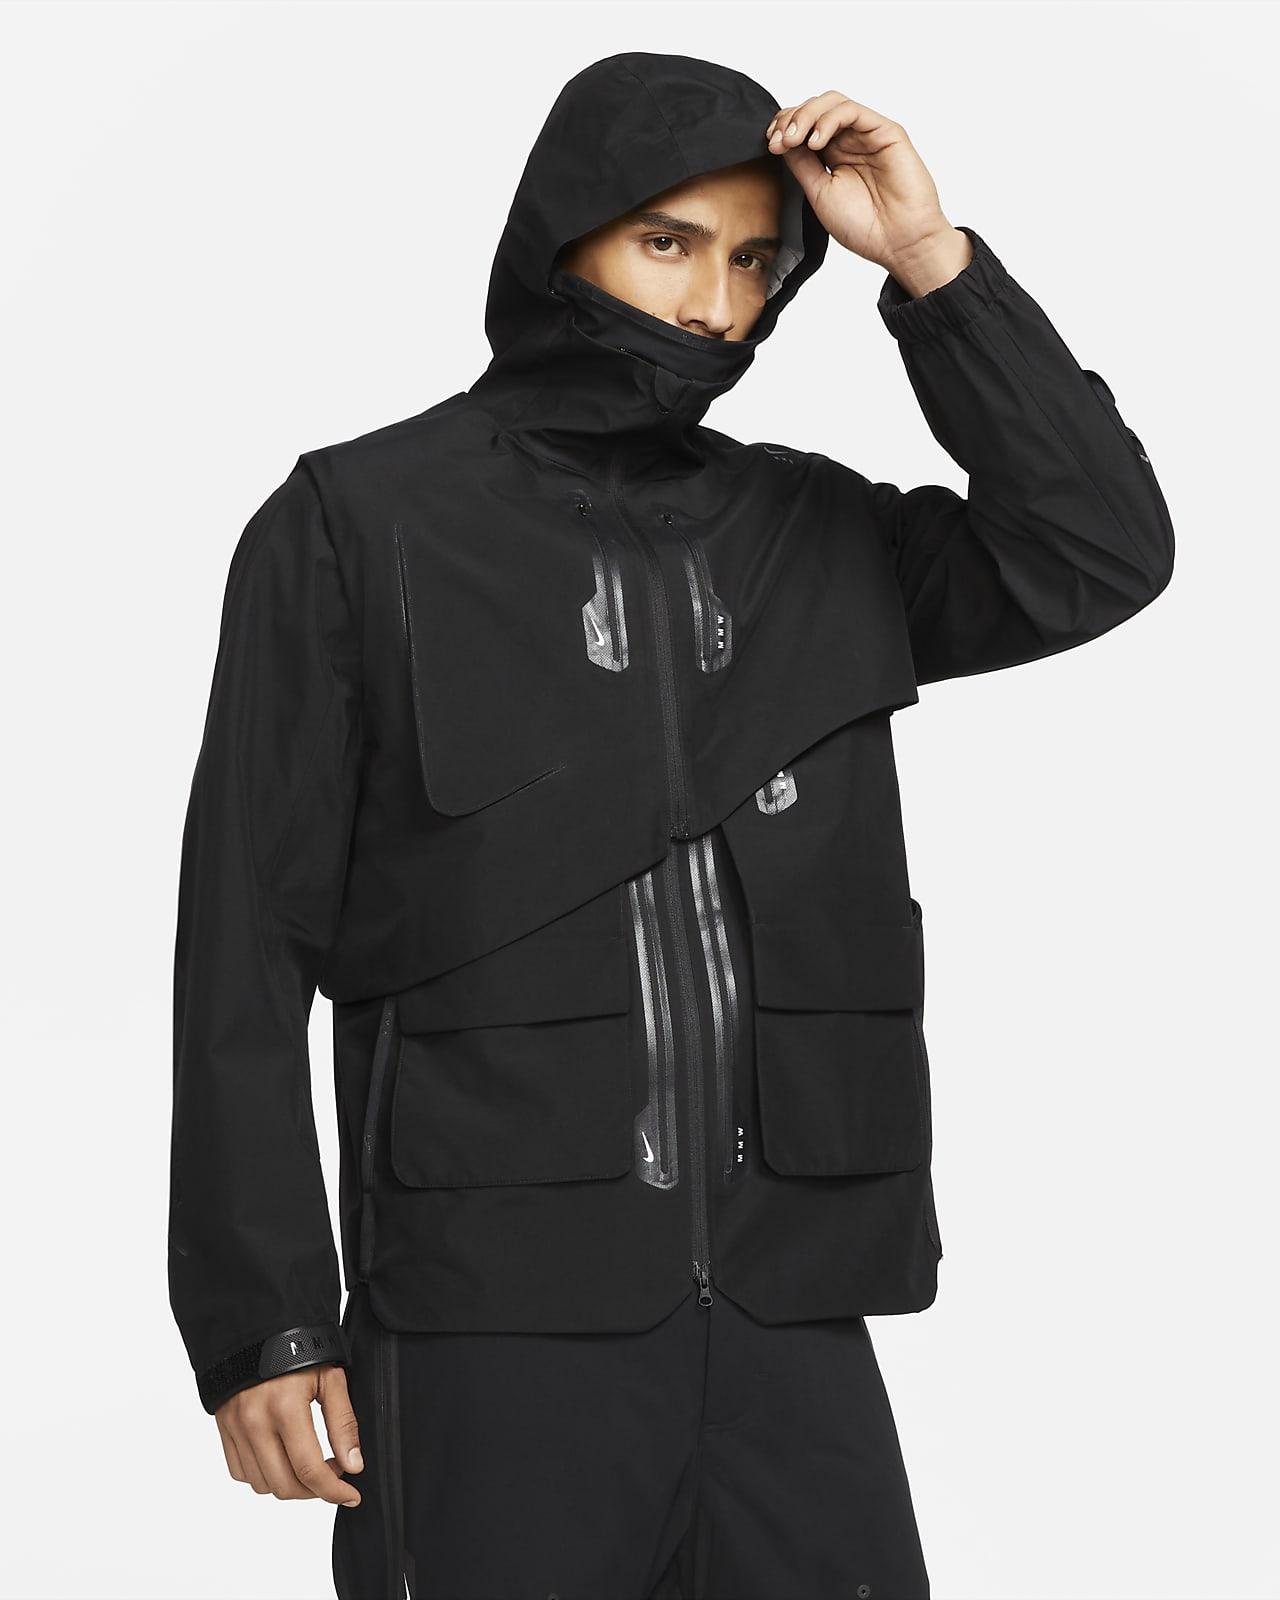 Nike x MMW Jacket